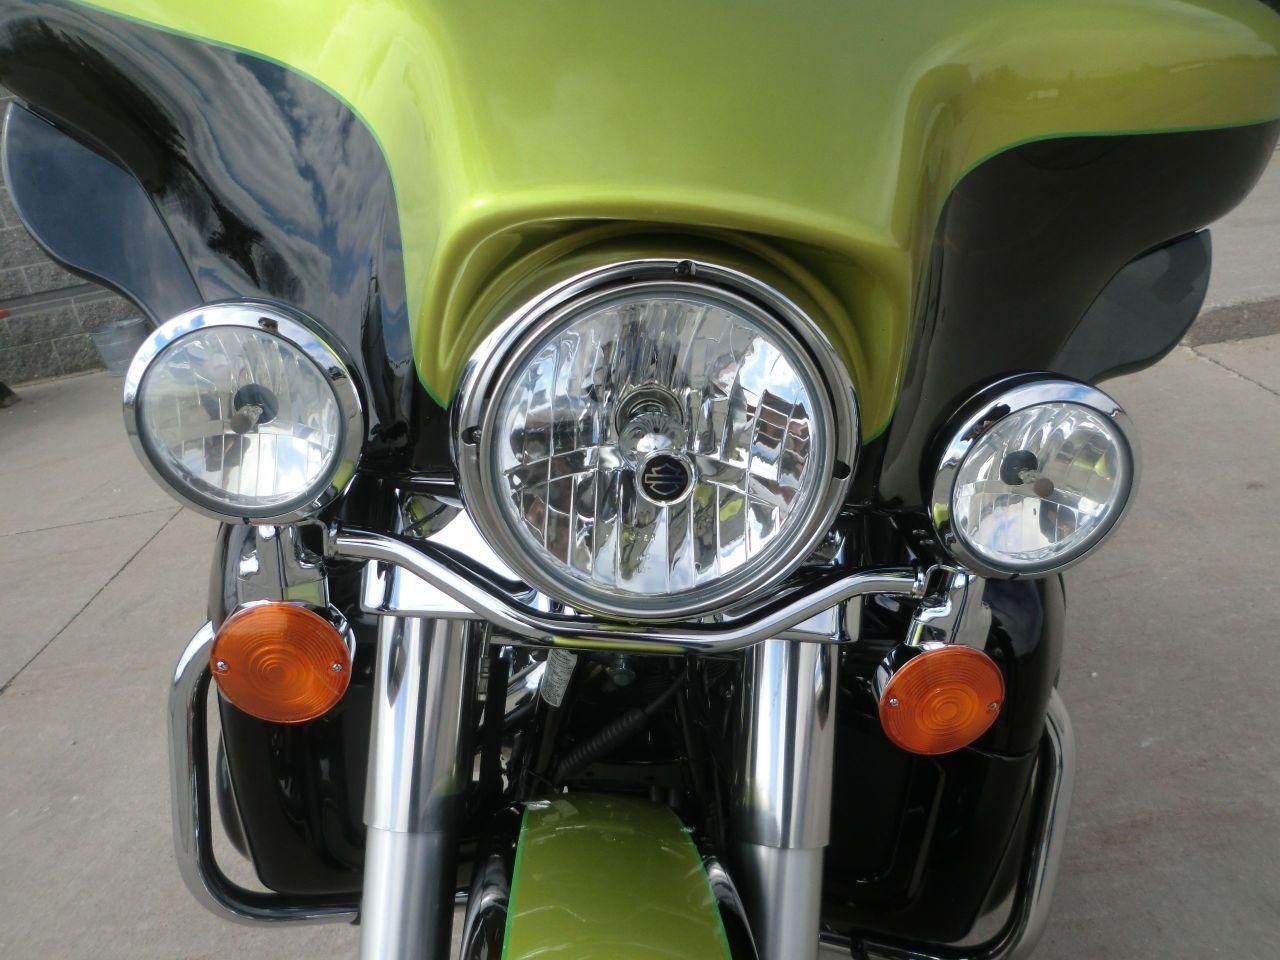 2011 Harley-Davidson FLHTK Electra Glide Ultra Limited